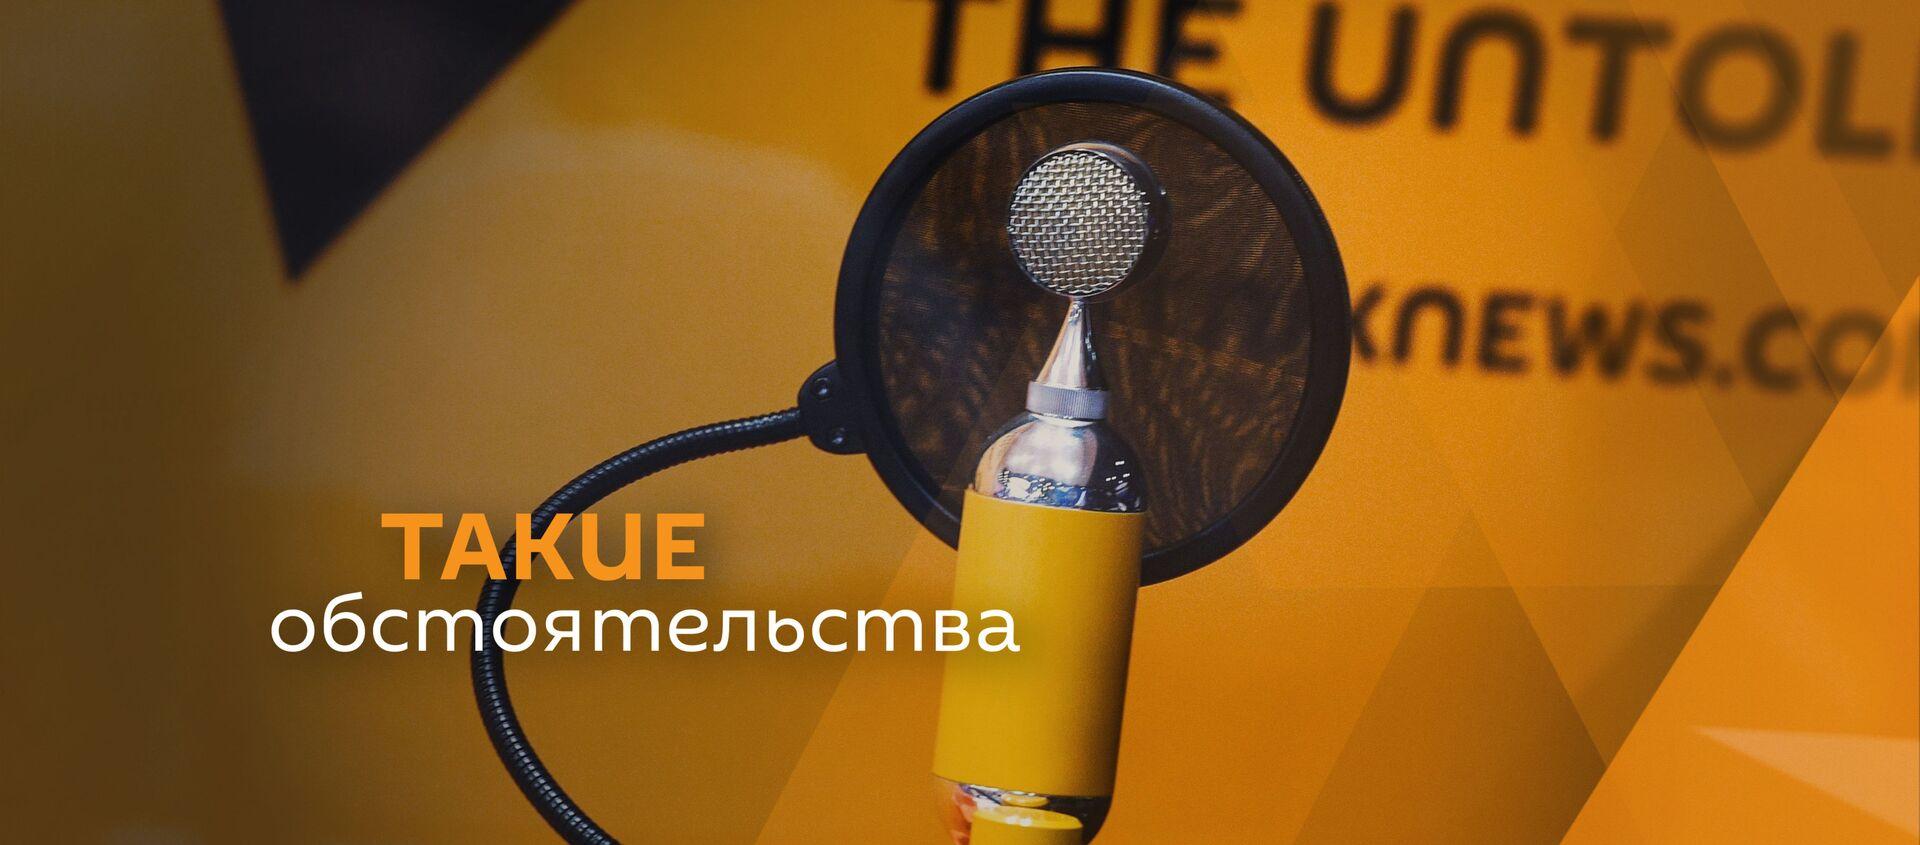 Такие обстоятельства. Микрофон - Sputnik Абхазия, 1920, 09.08.2021